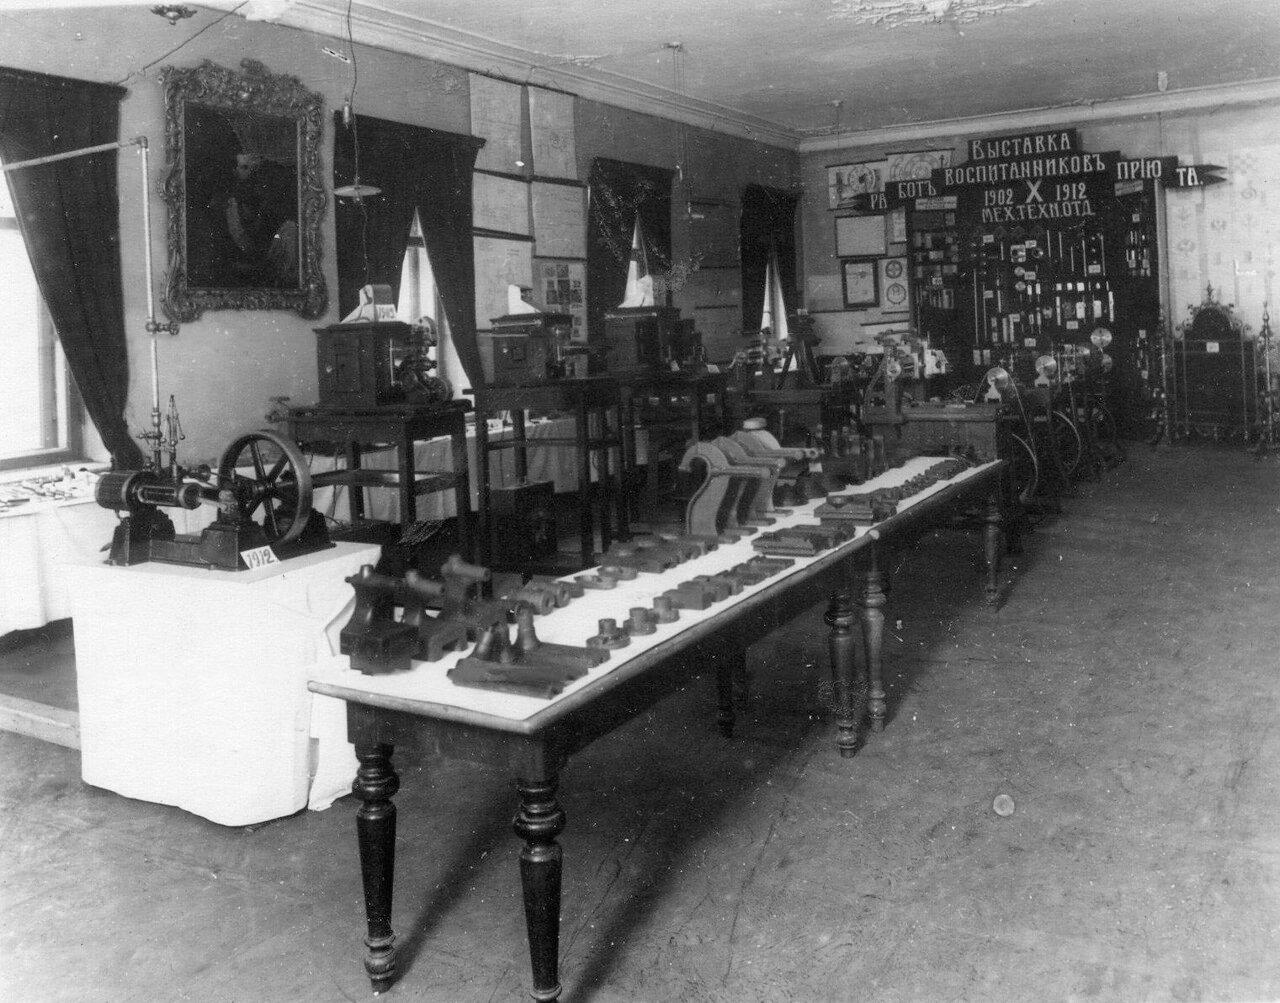 17. Выставка работ воспитанников приюта и училища. 1912